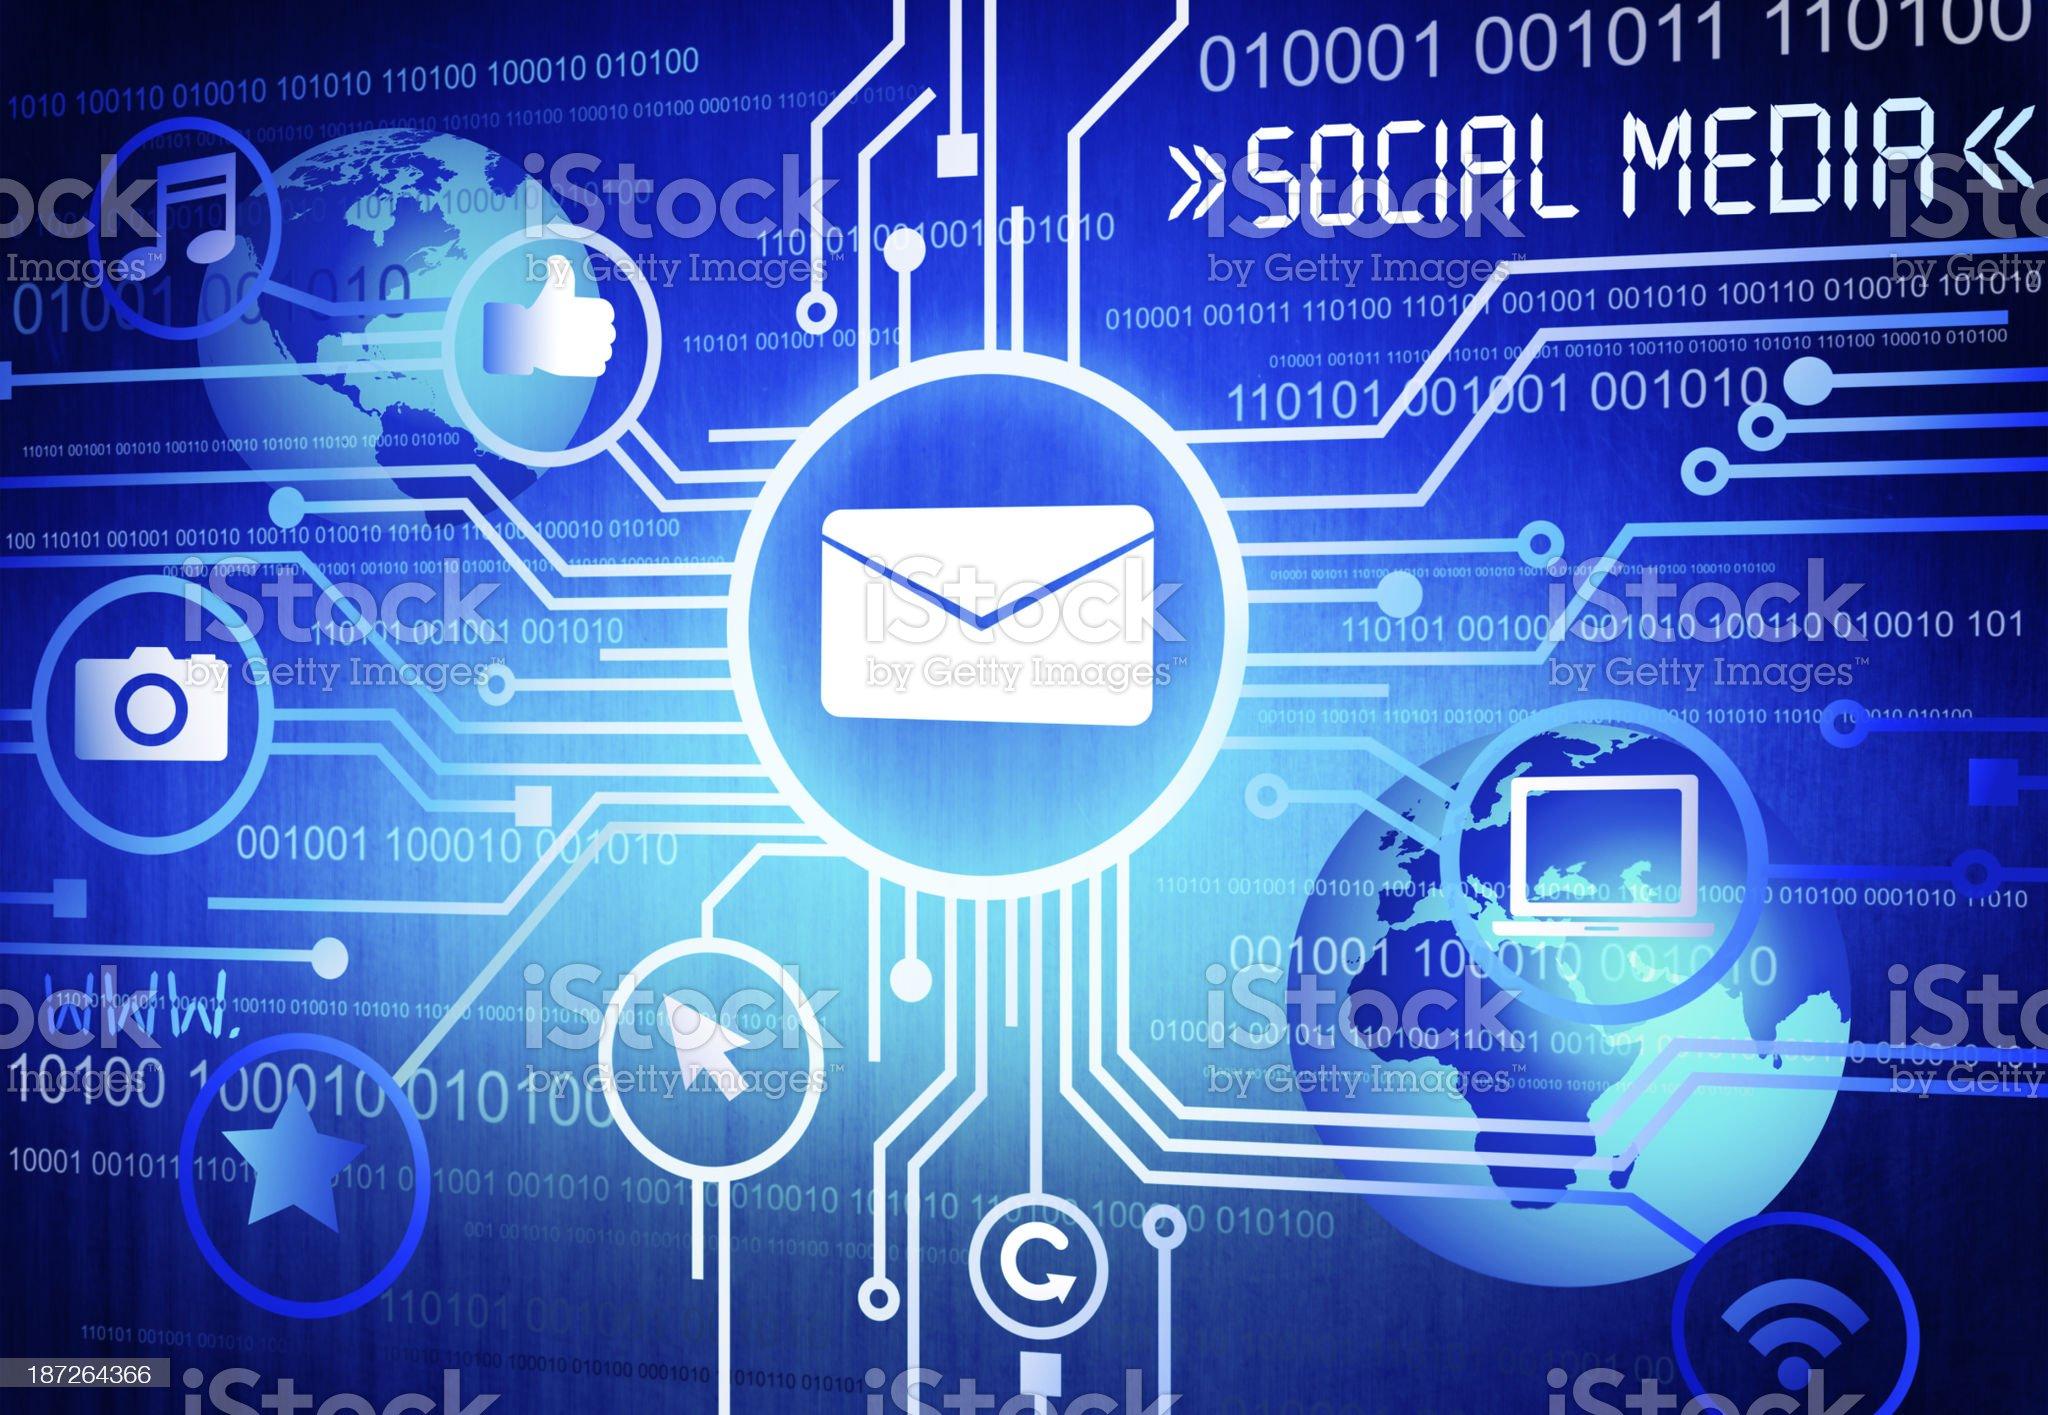 The Social Media royalty-free stock photo